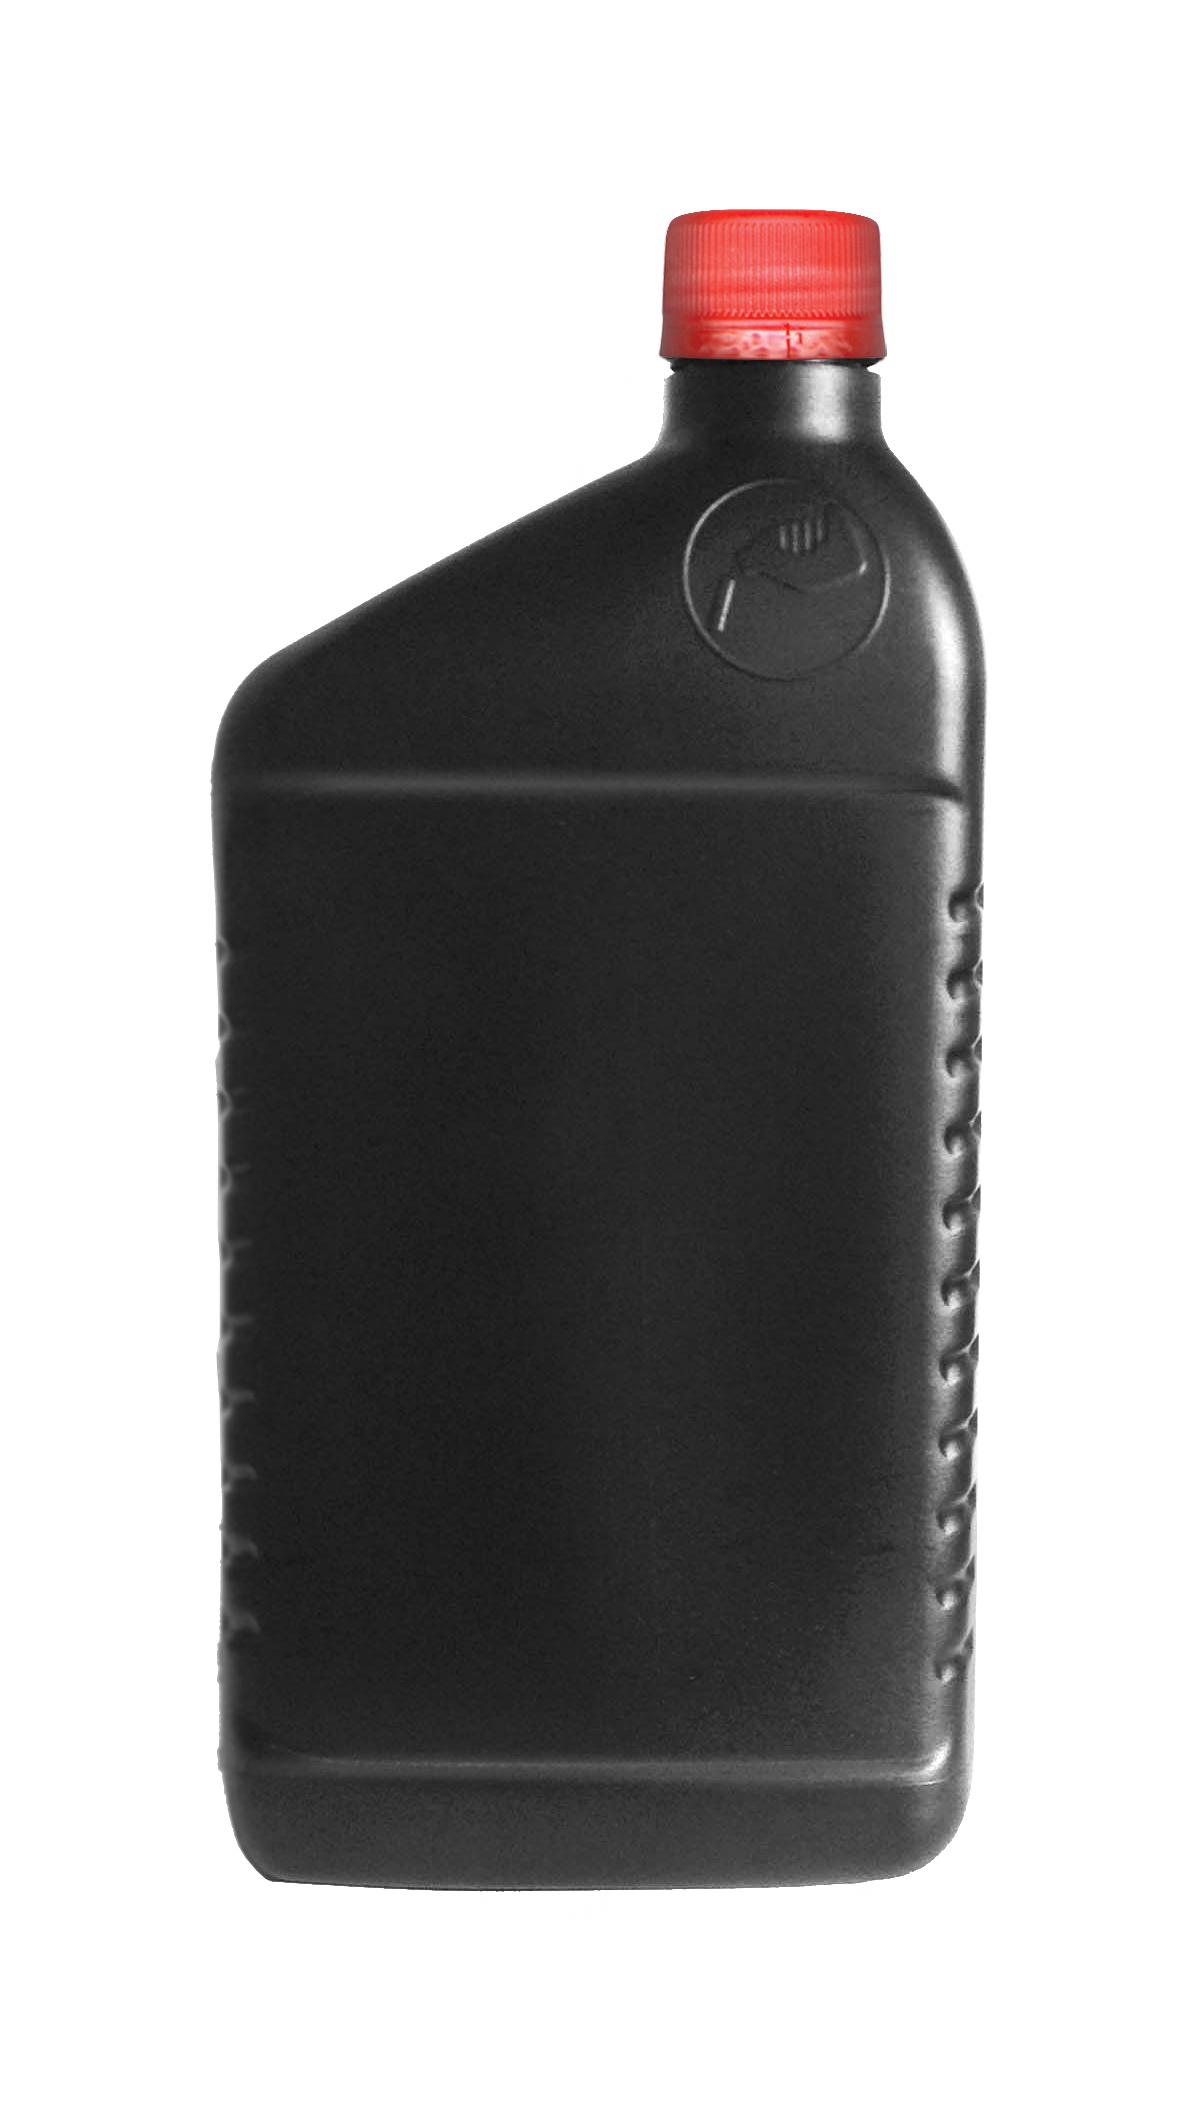 amalie oil co new amalie oil quart bottle. Black Bedroom Furniture Sets. Home Design Ideas